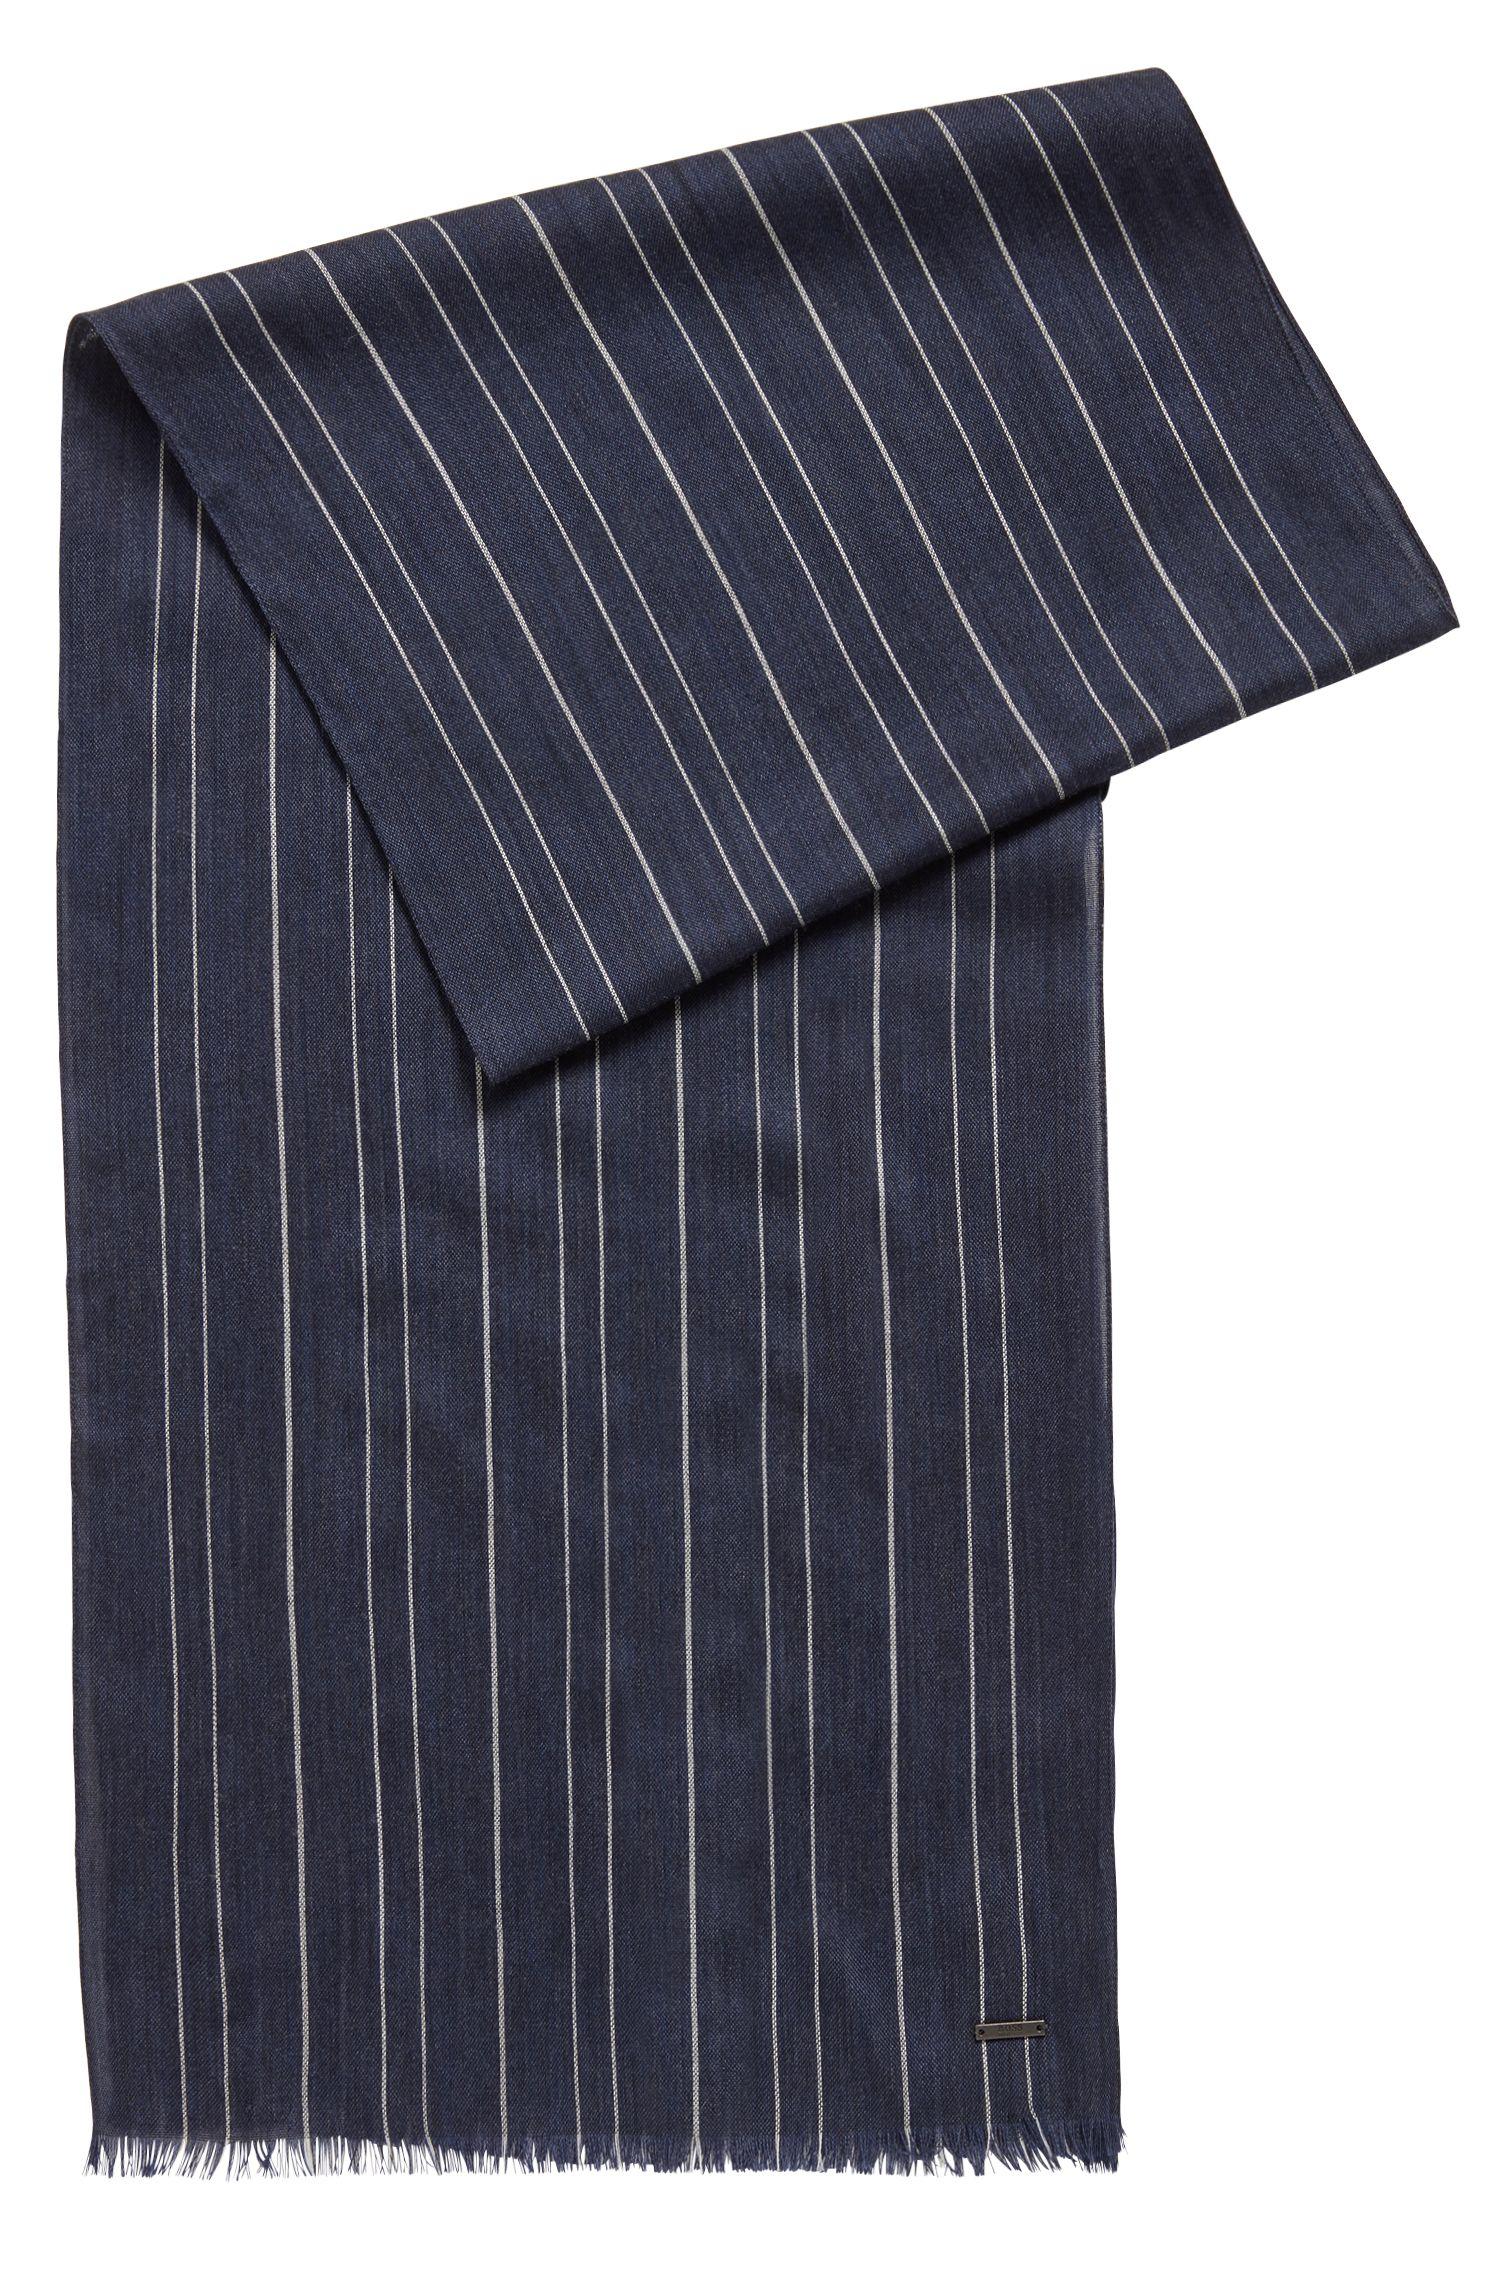 Schal aus leichtem Woll-Mix mit Nadelstreifen, Hellblau